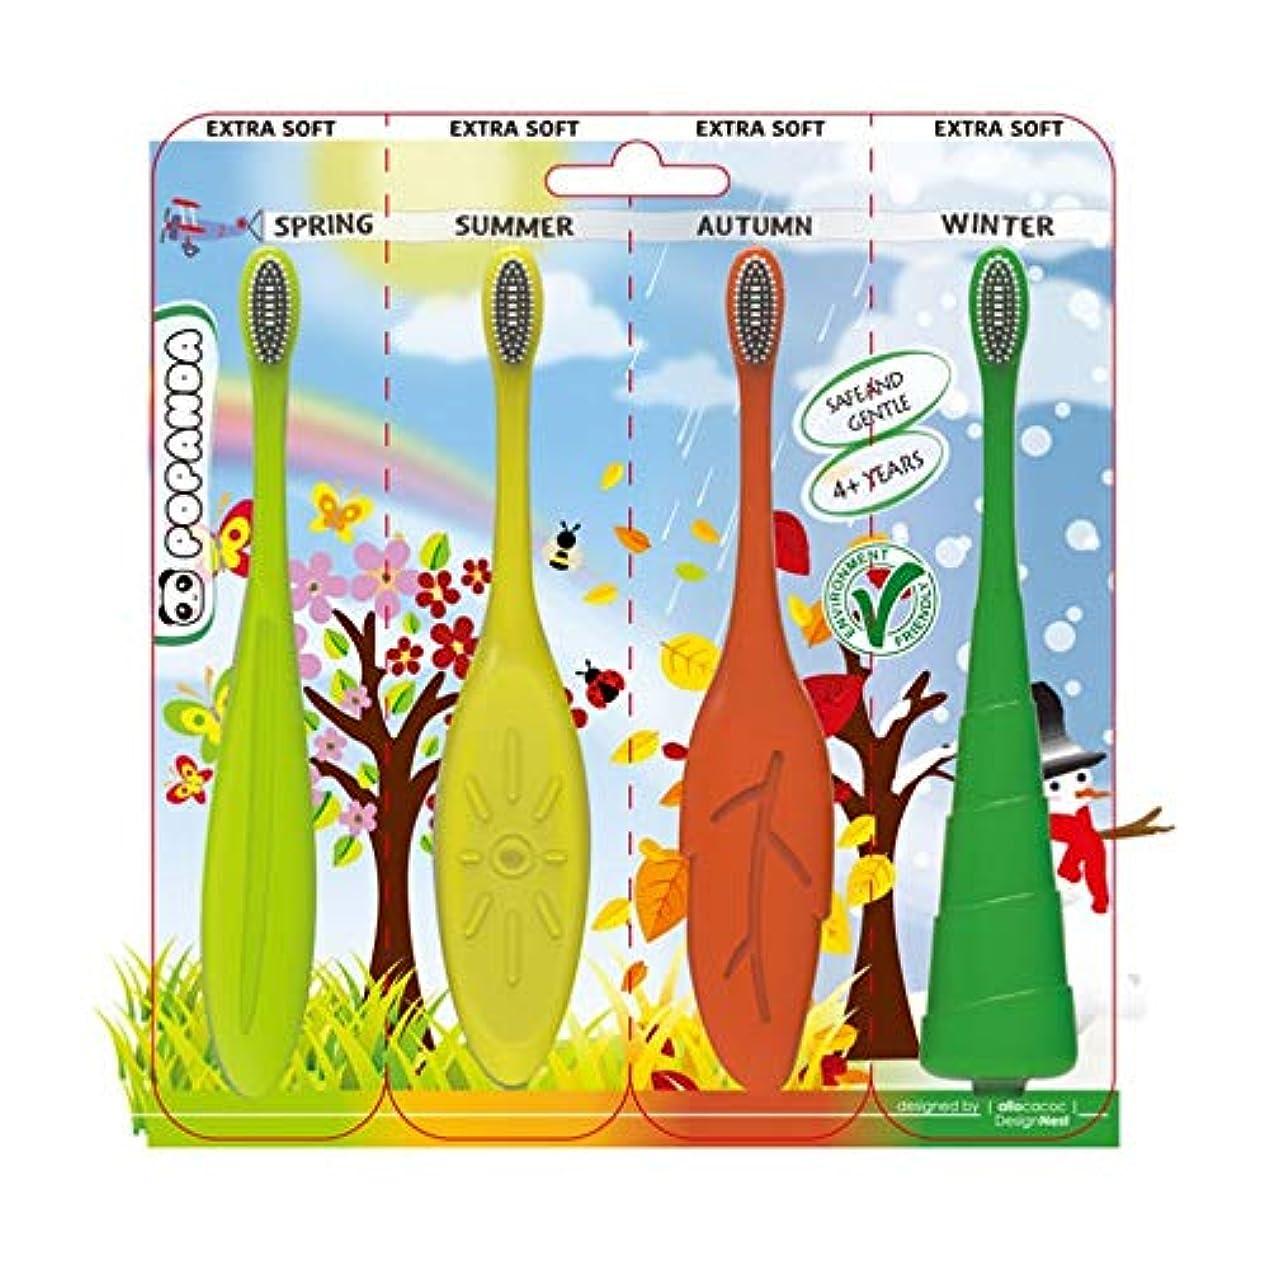 ケニア引き出し速度(4個) Baby 幼児 四季 シリコン歯ブラシ Set Baby Kid's Gift Seasonal Silicone Toothbrush 並行輸入